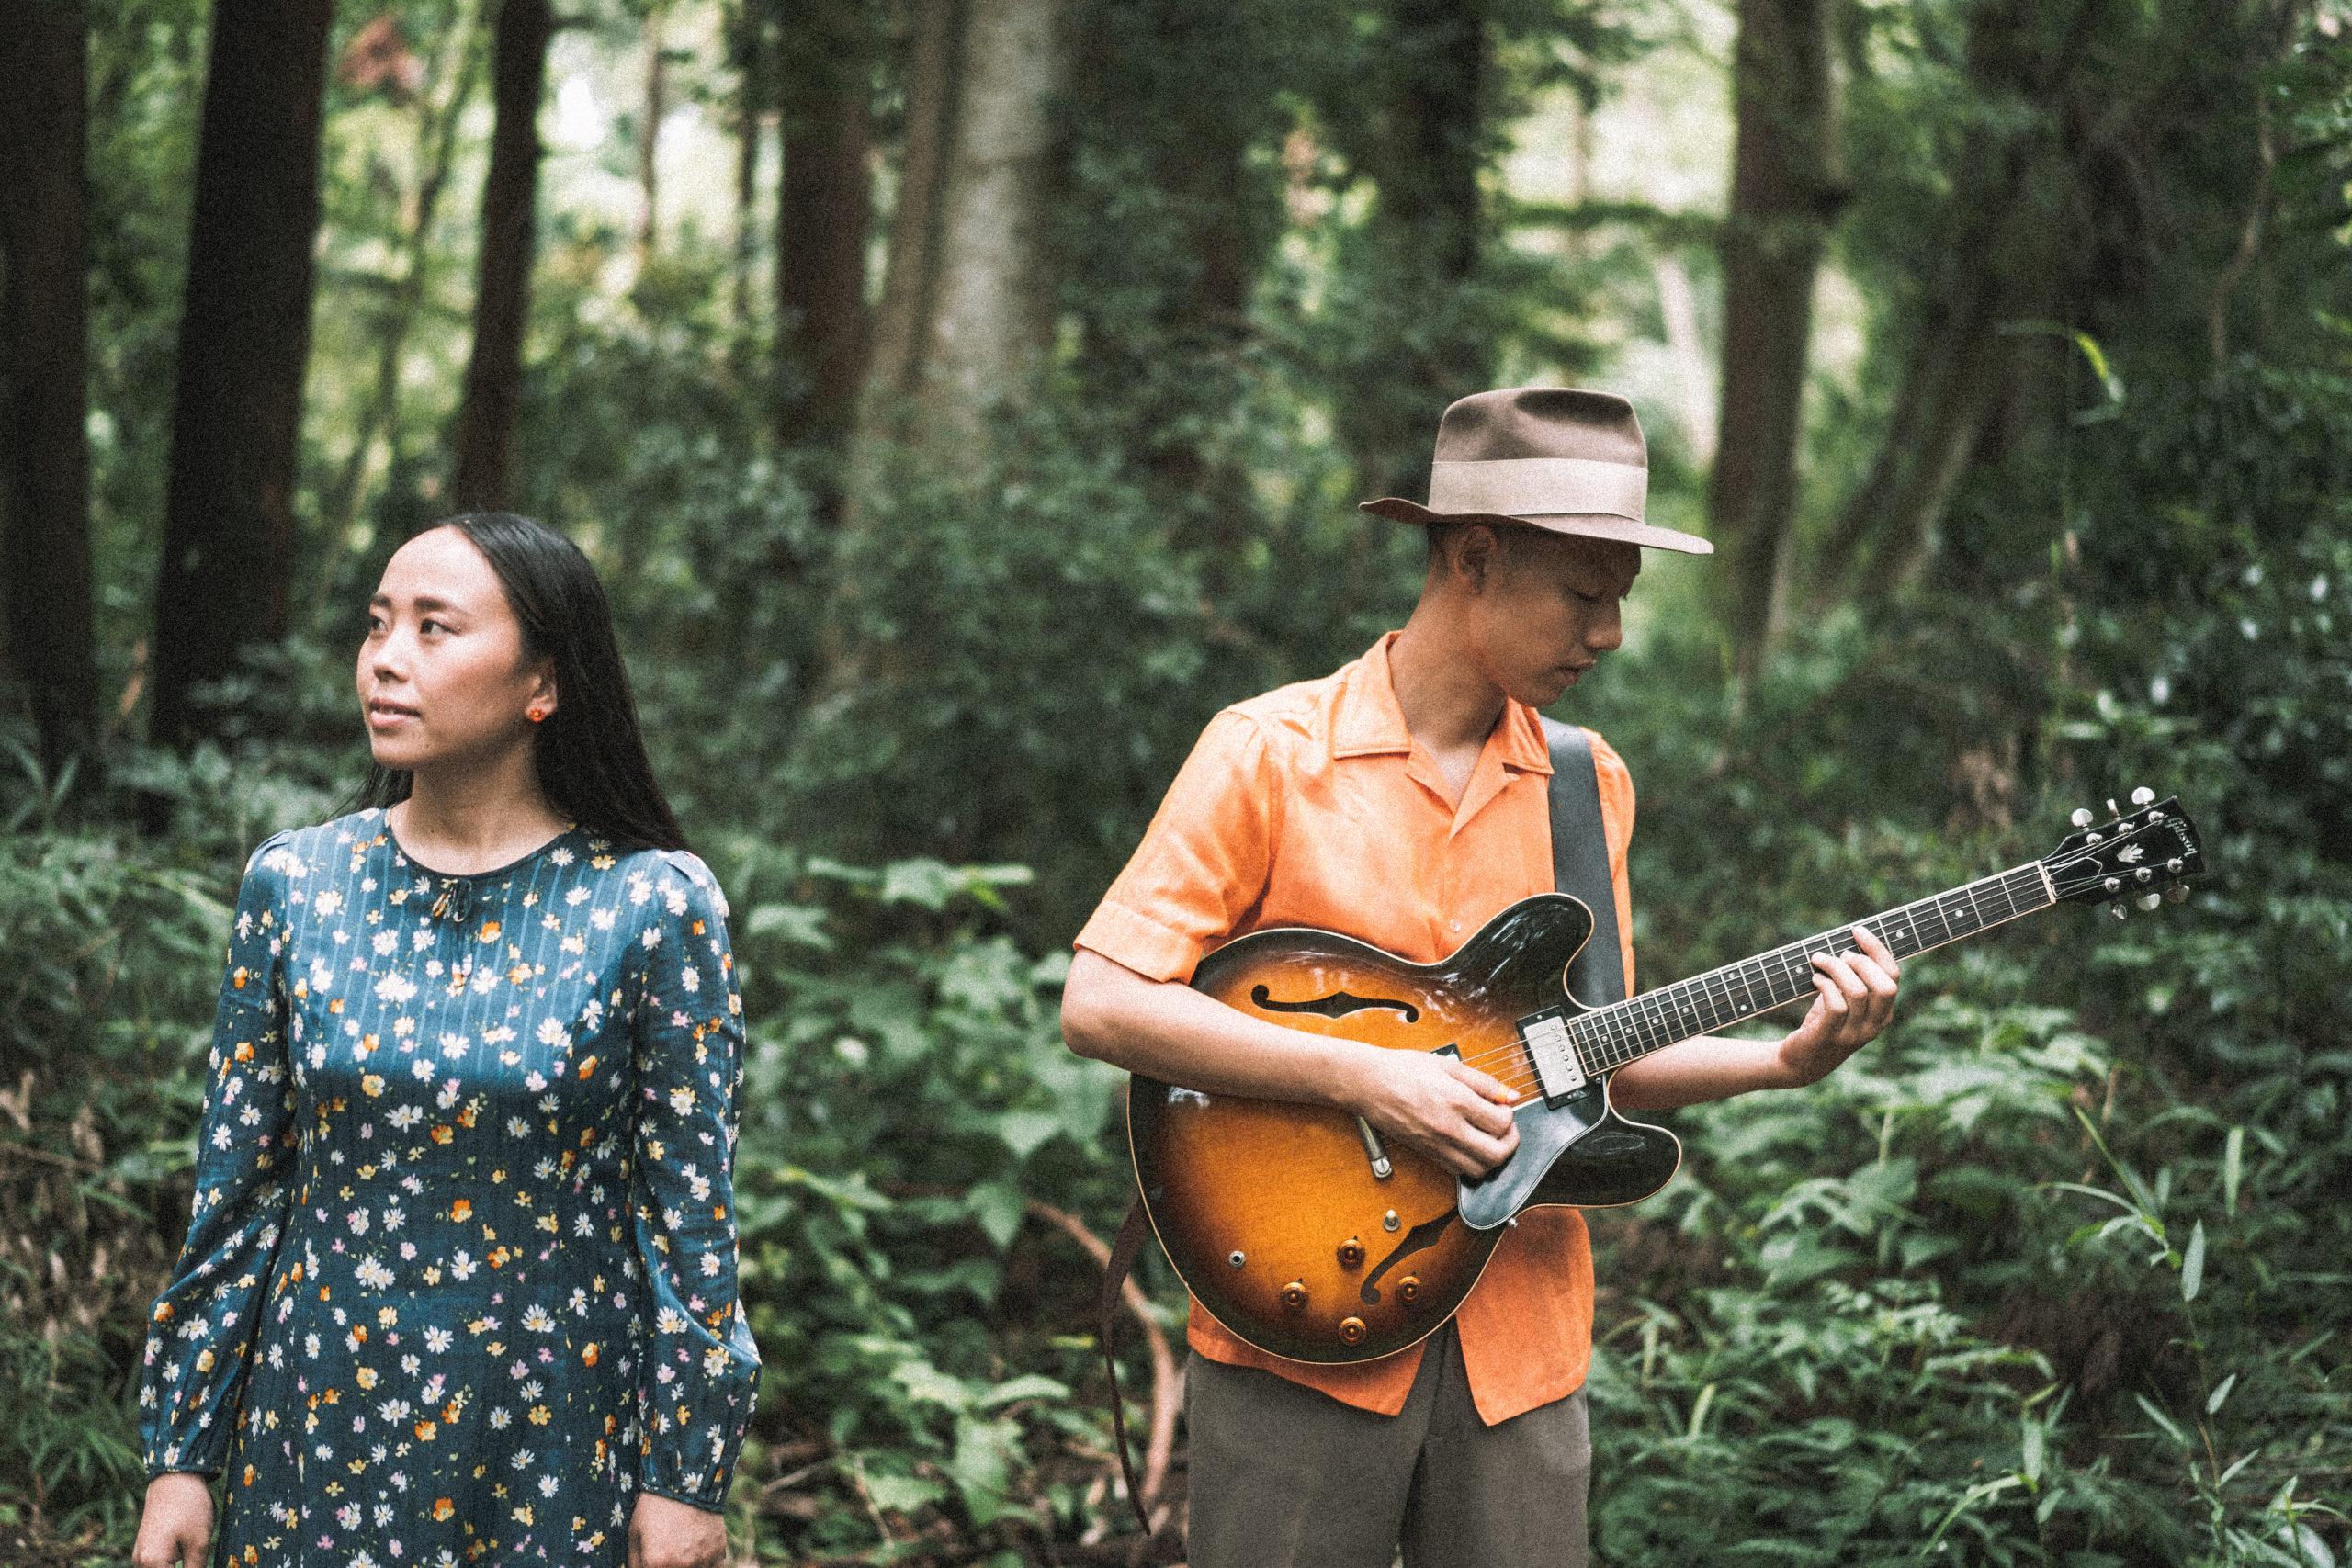 まっさらな五感で感じて欲しい。Shoko and The Akillaのありのままの音楽